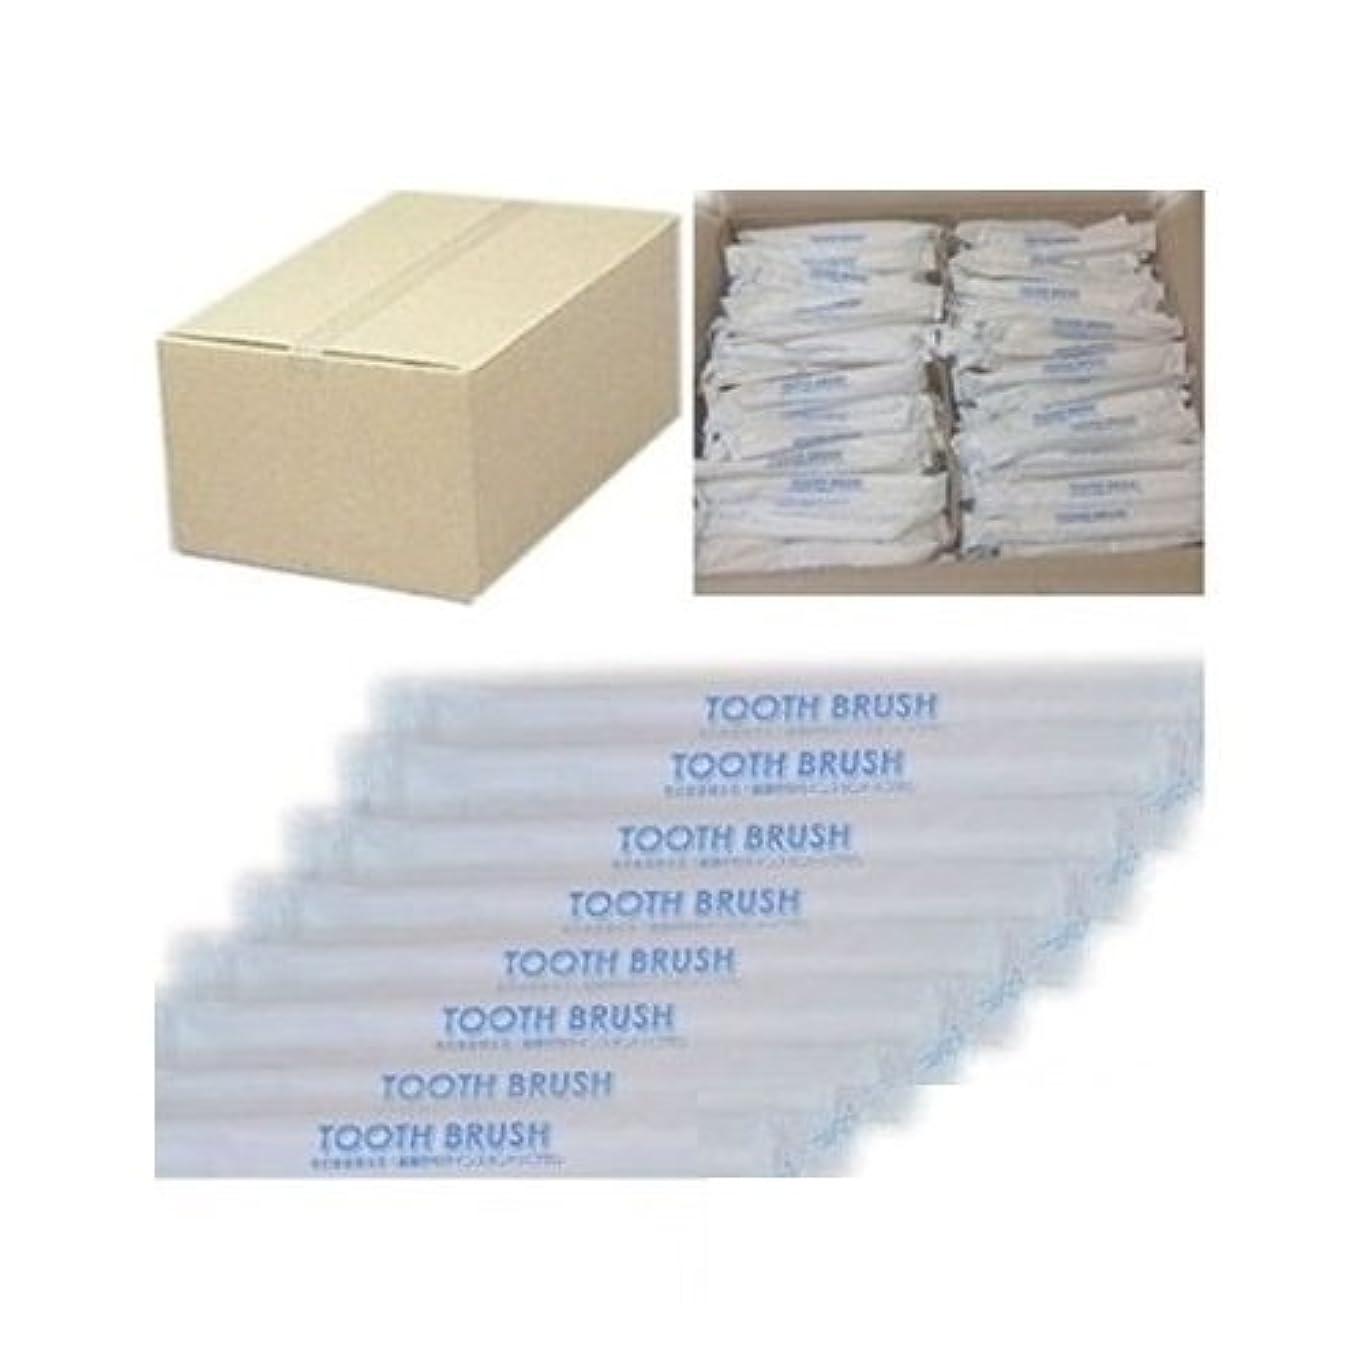 モットーしなやかな風邪をひく業務用 使い捨て(インスタント) 粉付き歯ブラシ(100本組)